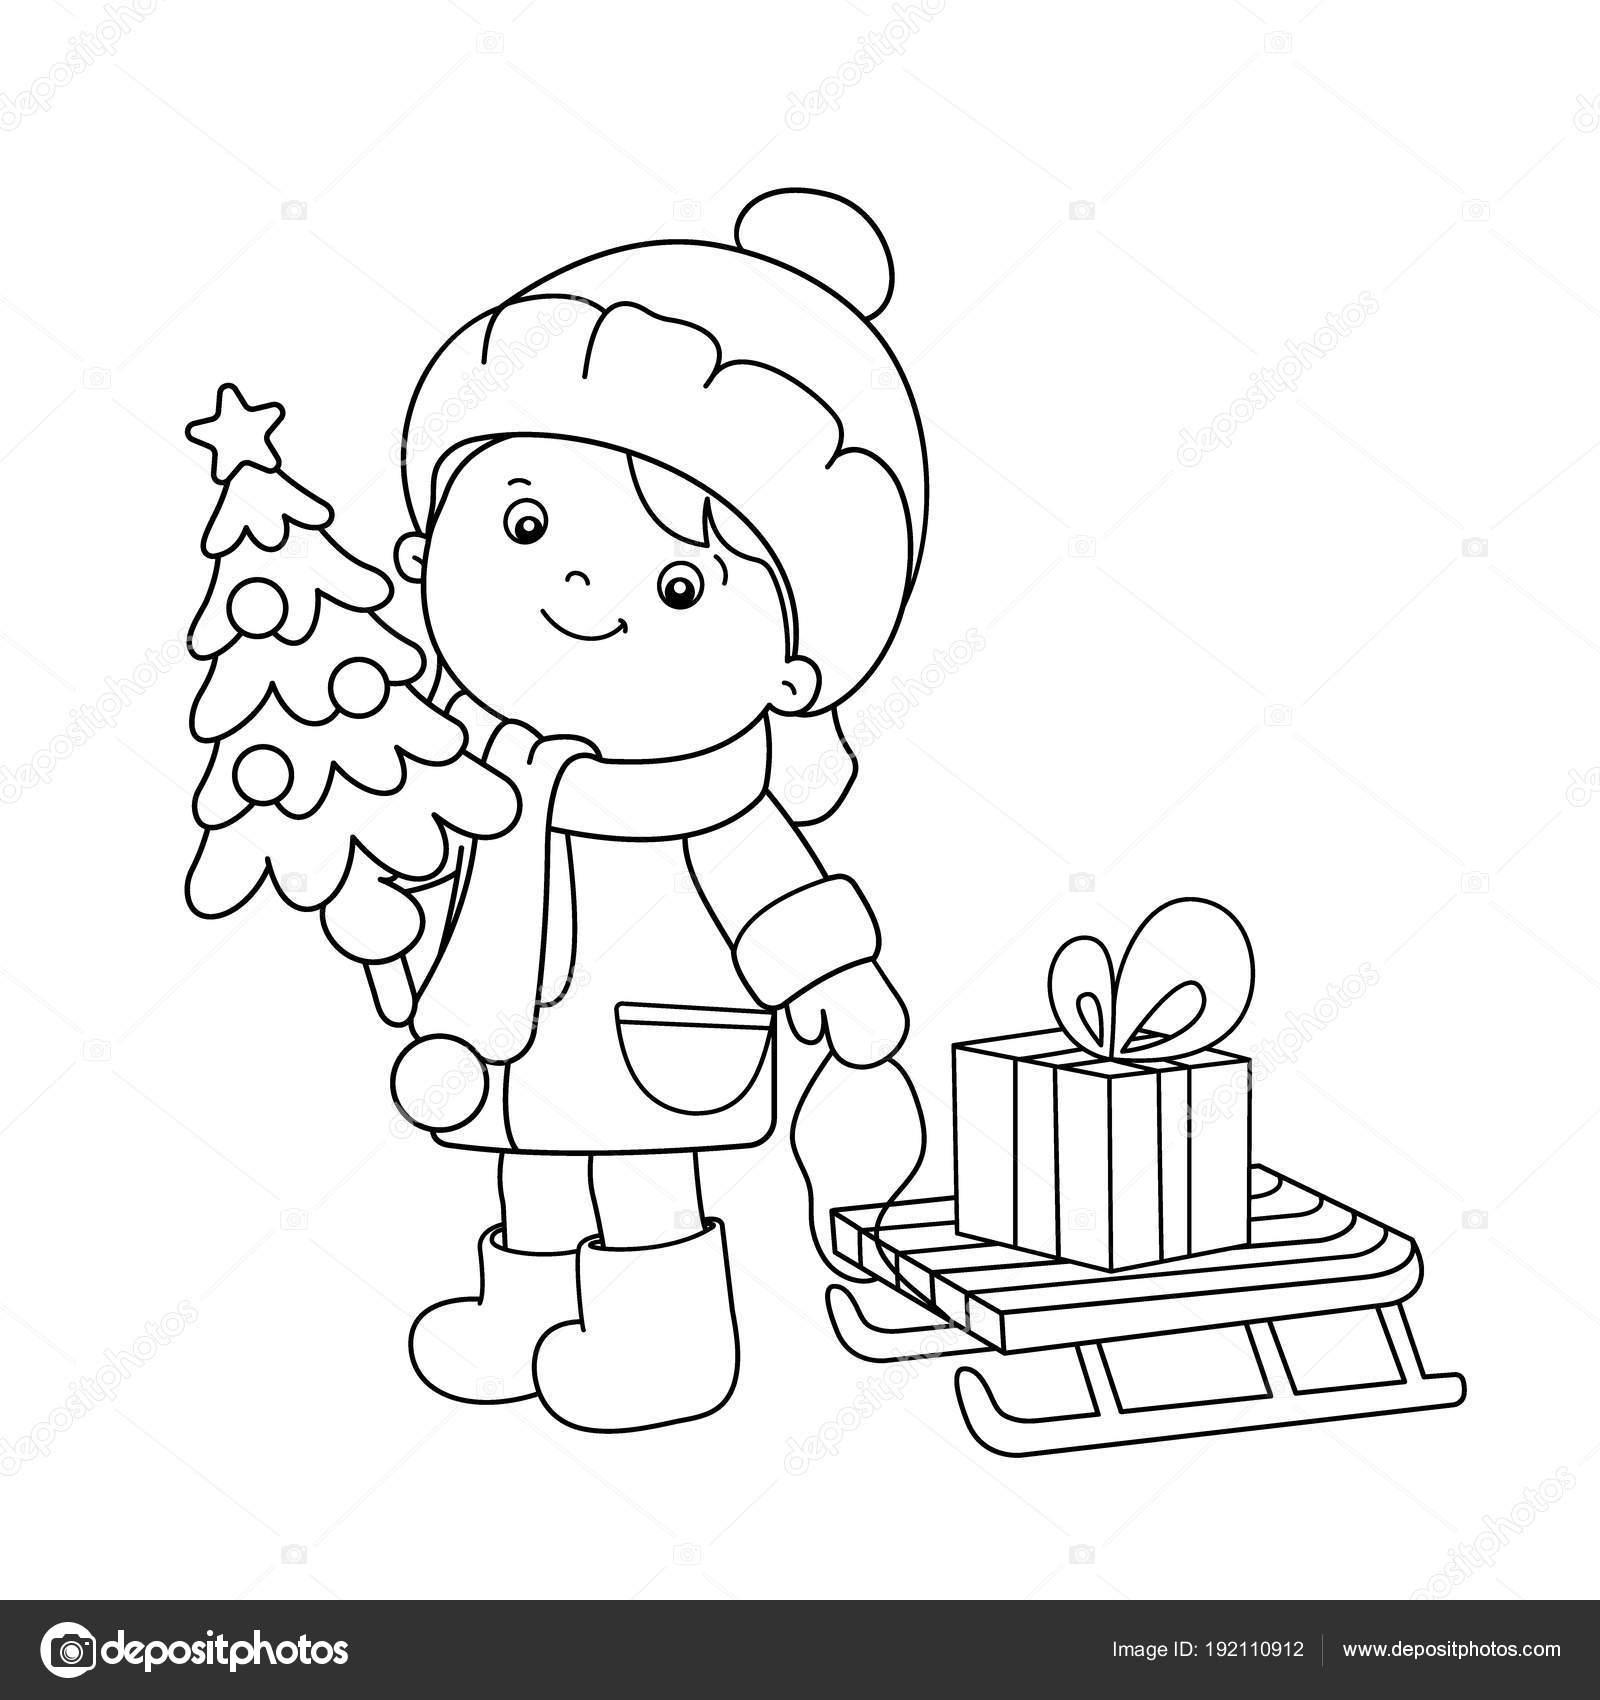 Boyama Sayfa Anahat Kızla Noel Ağacı Hediyeler Noel Yeni Yıl